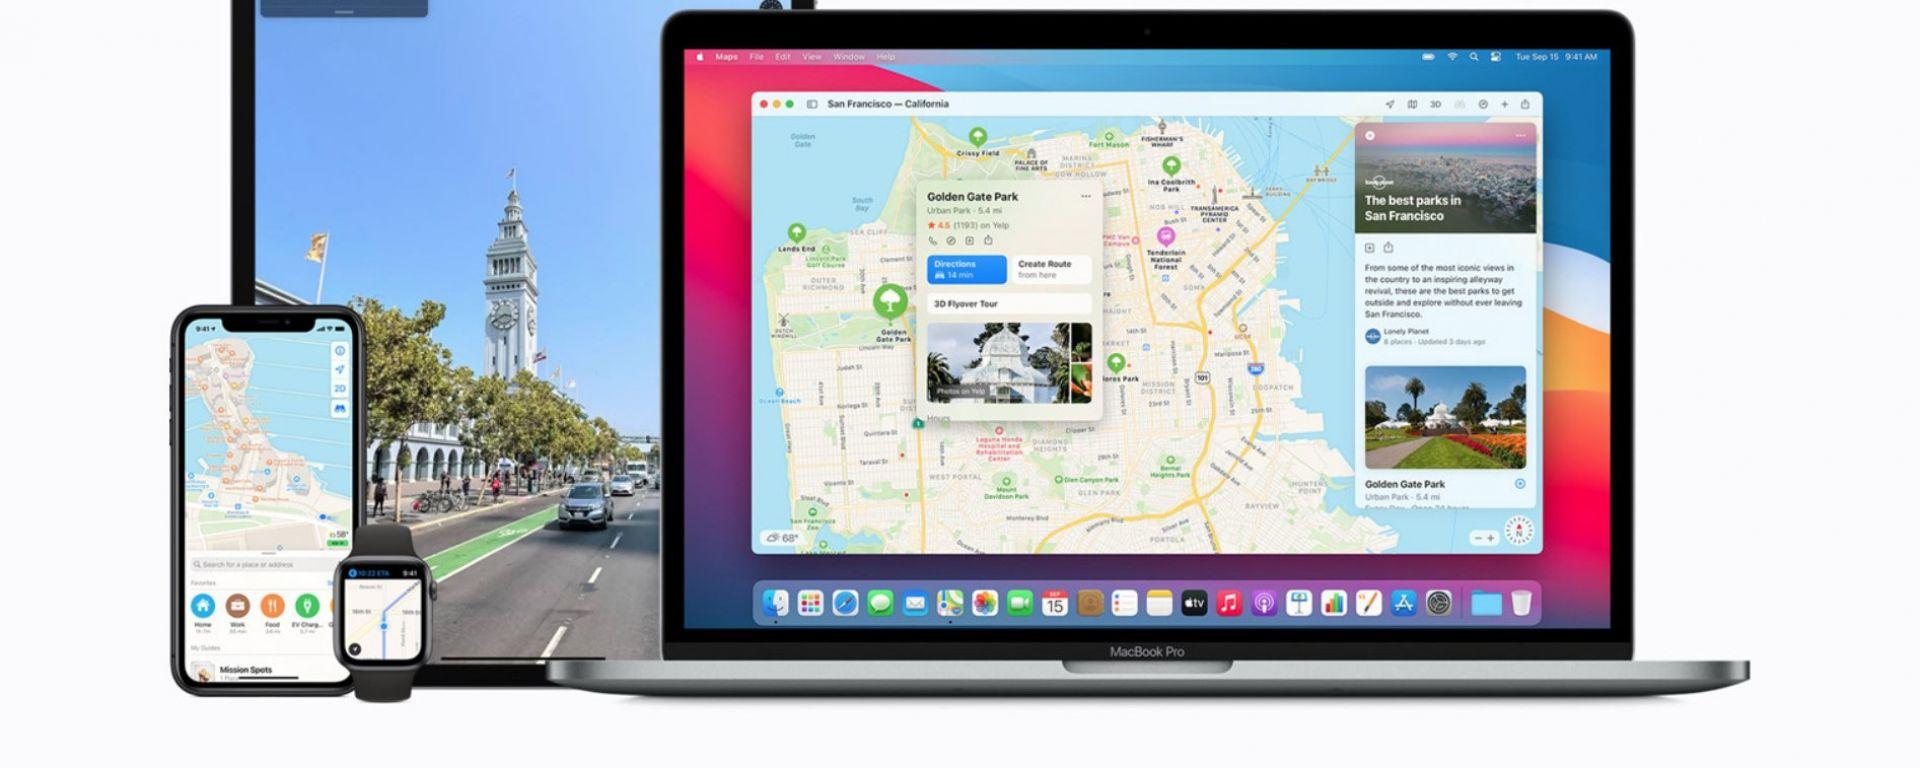 Aggiornamenti in arrivo per Apple Mappe